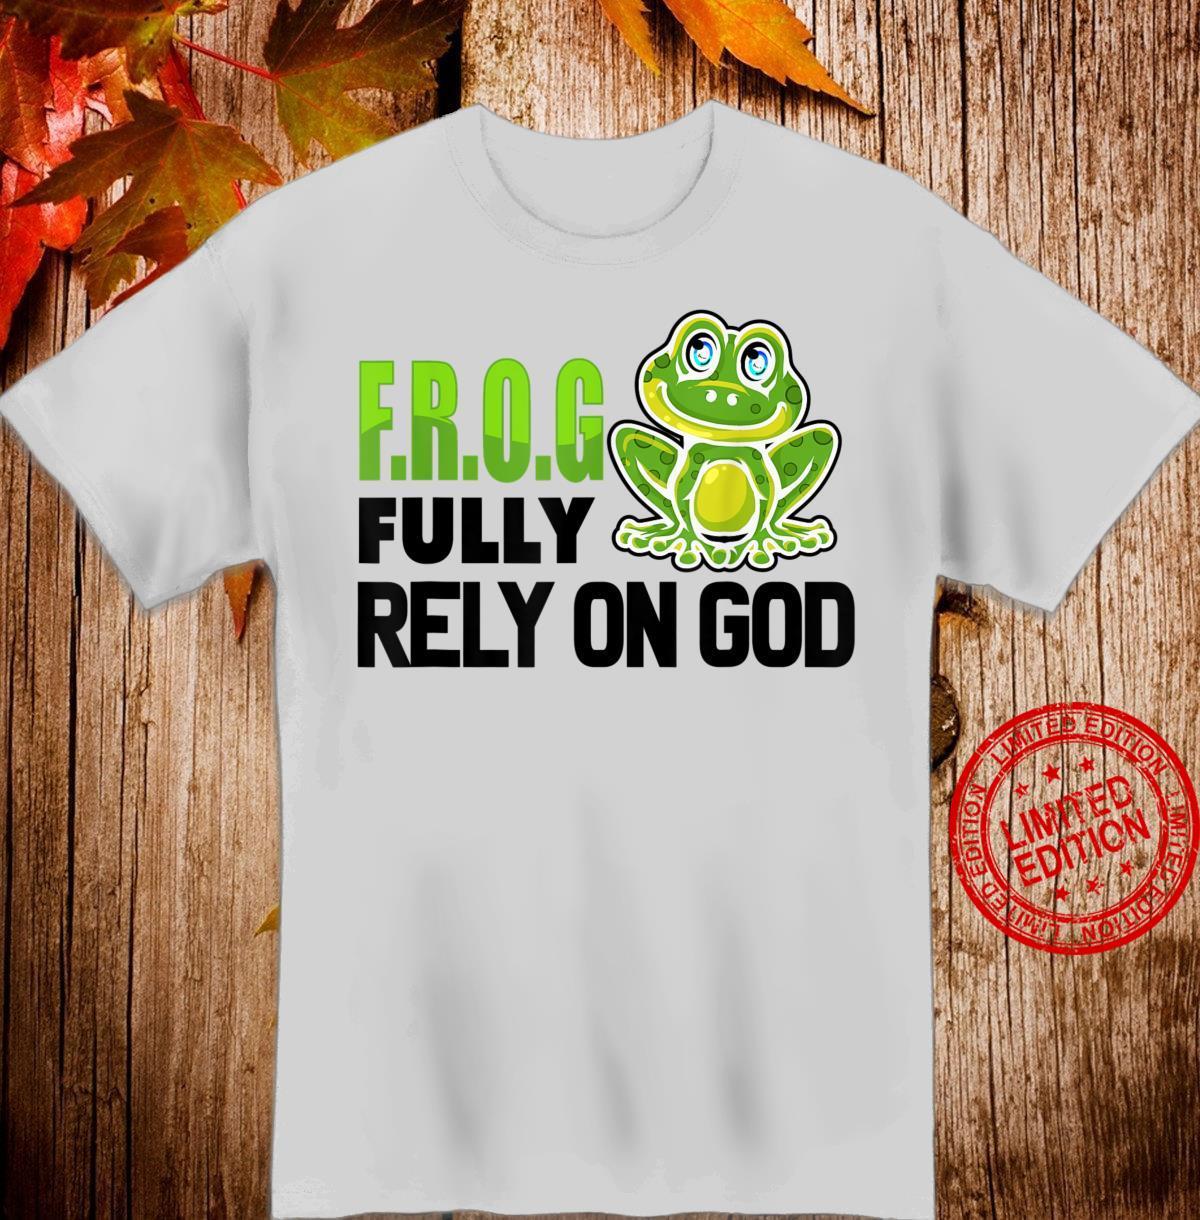 Cool F.R.O.G. Fully Rely On God Christian Faith Shirt